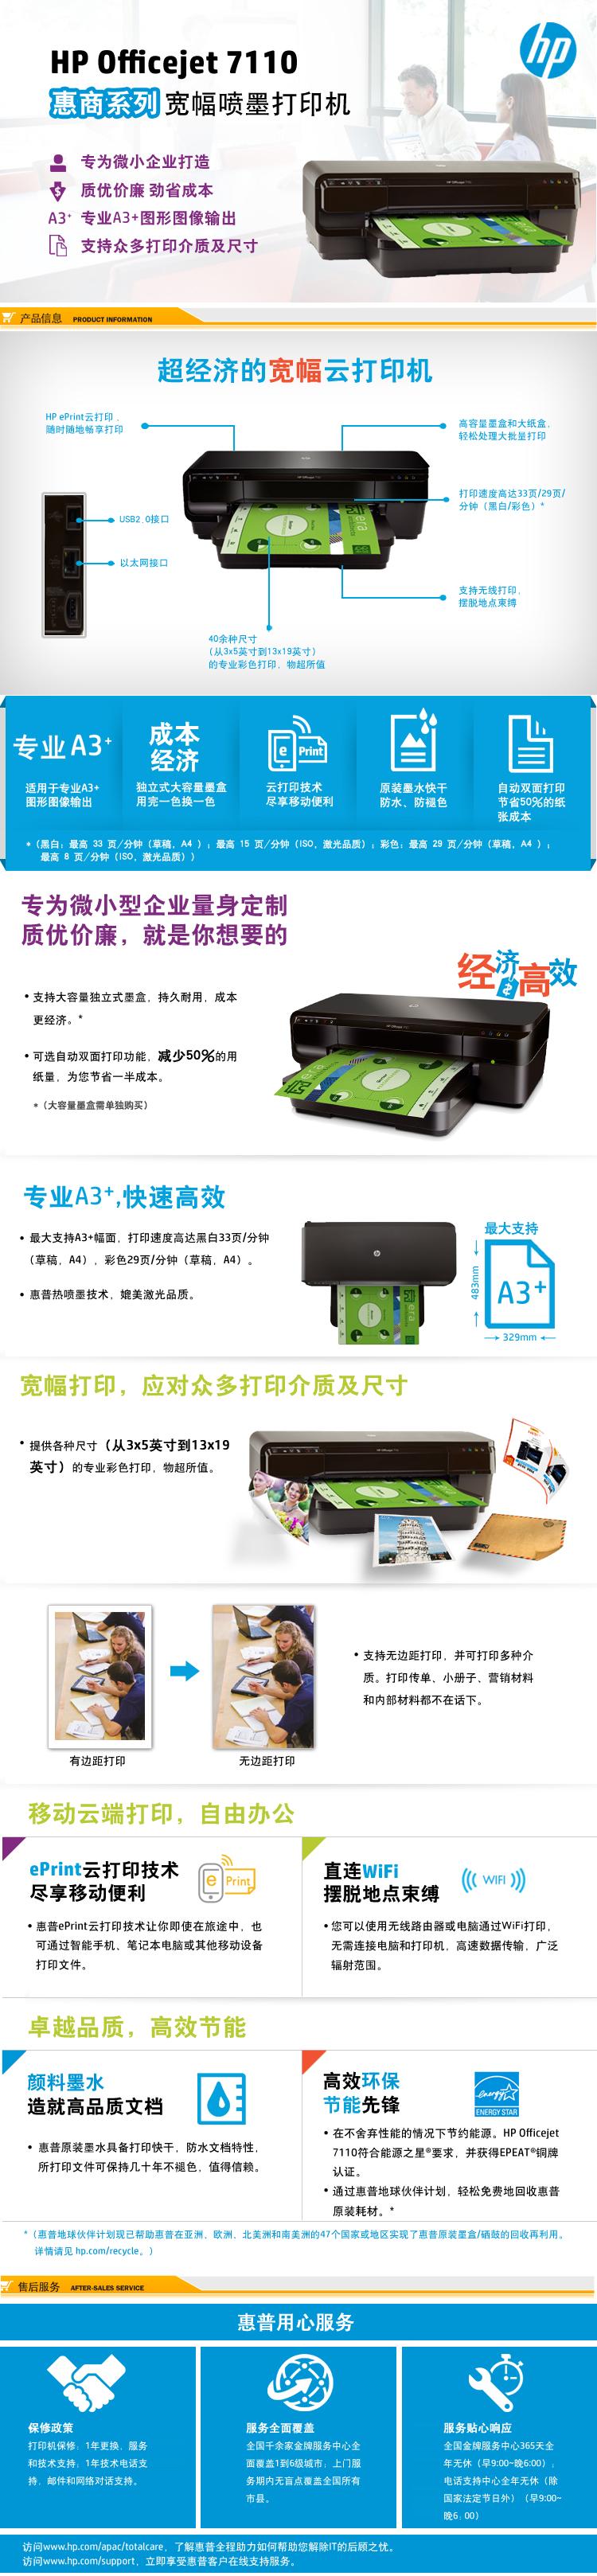 惠普HP OFFICEJET 7110 宽幅云打印机- H812A